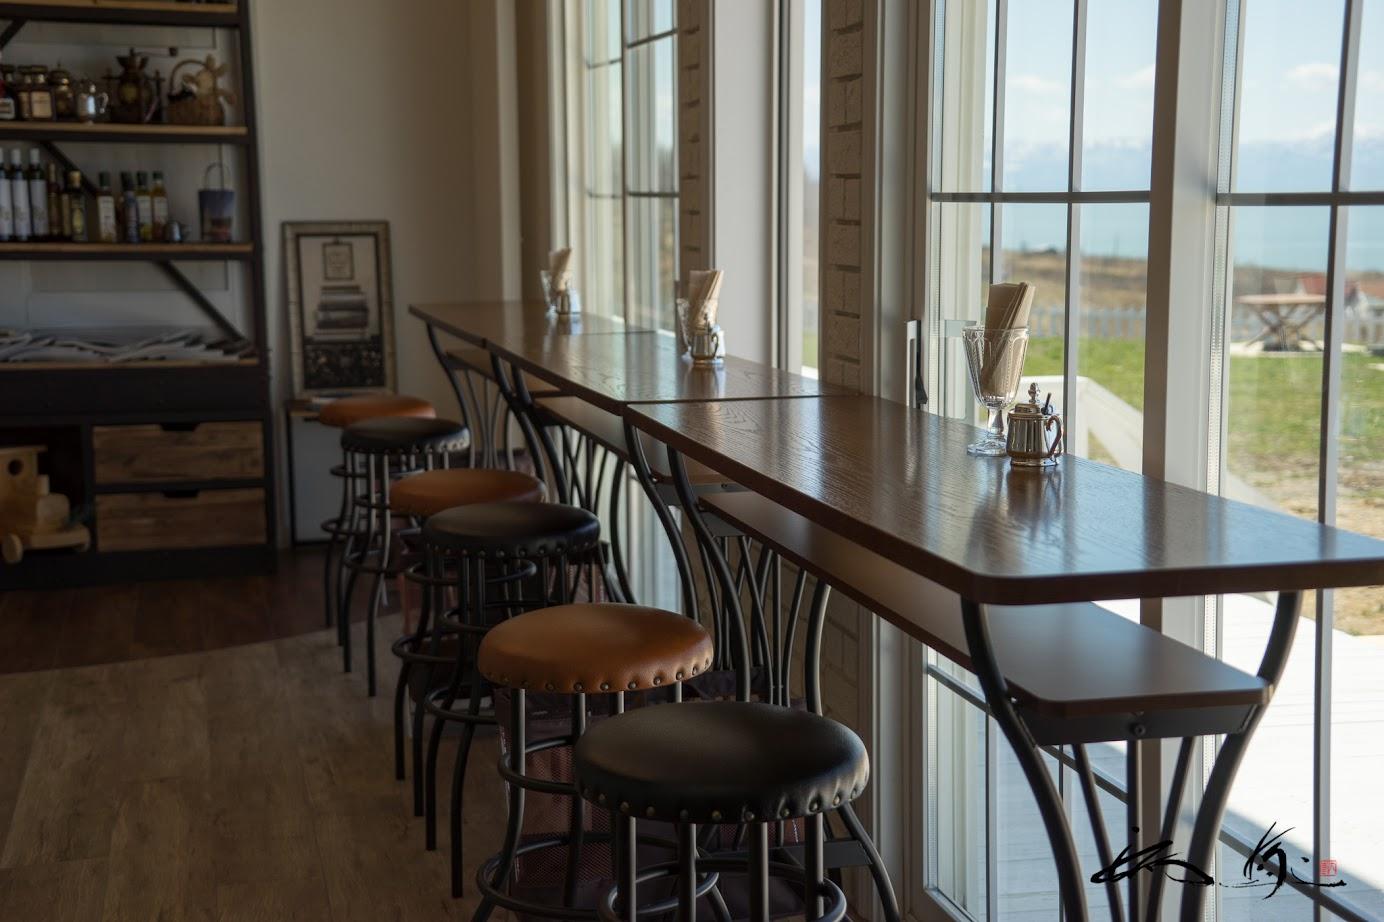 海を見渡せる窓際のカウンター・テーブル